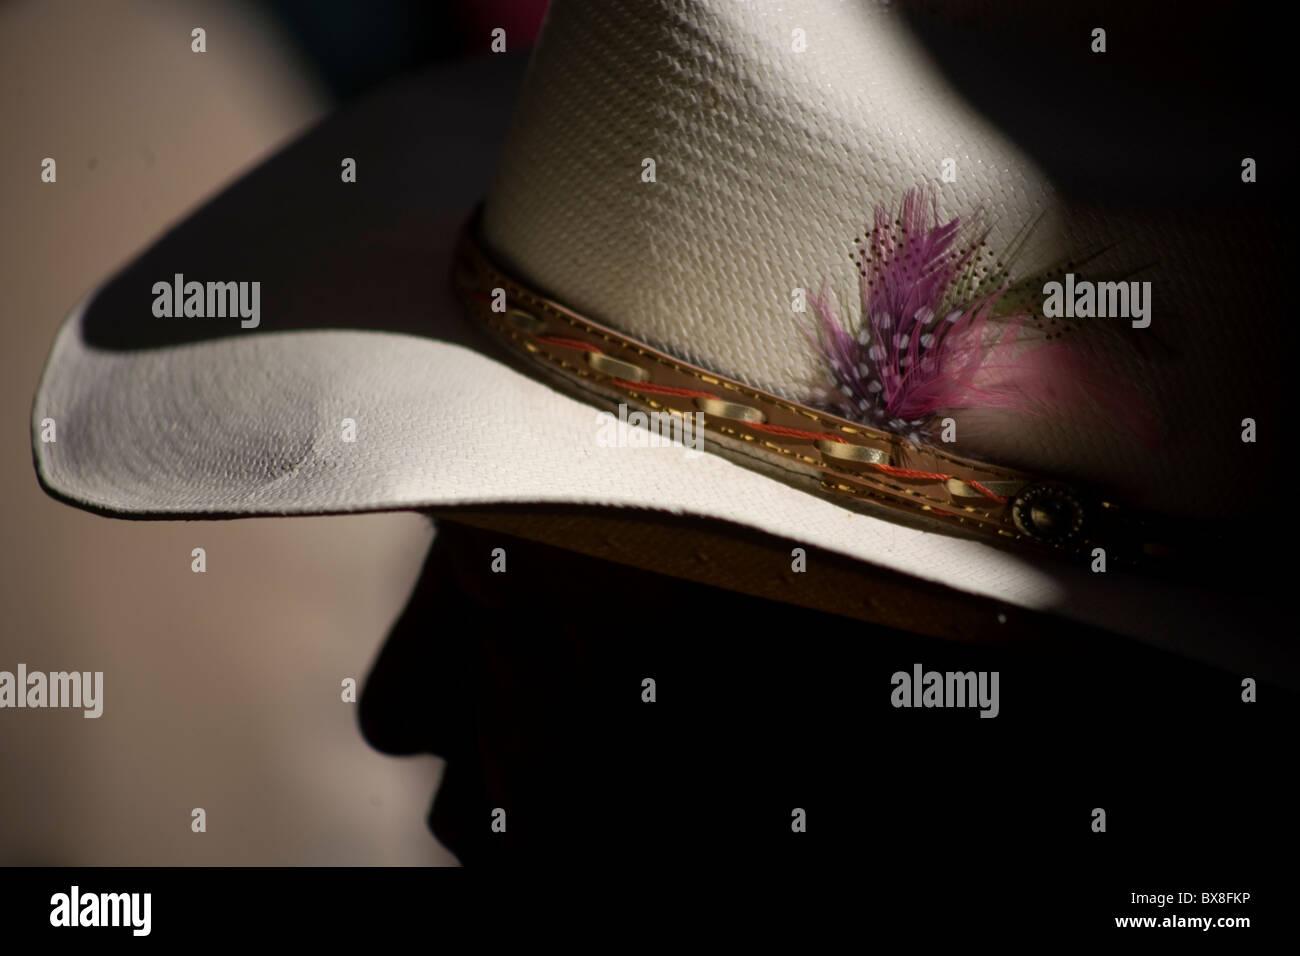 Plumas decorar un sombrero de vaquero de un espectador en el Campeonato  Nacional de charro en Pachuca 922fbf632ba